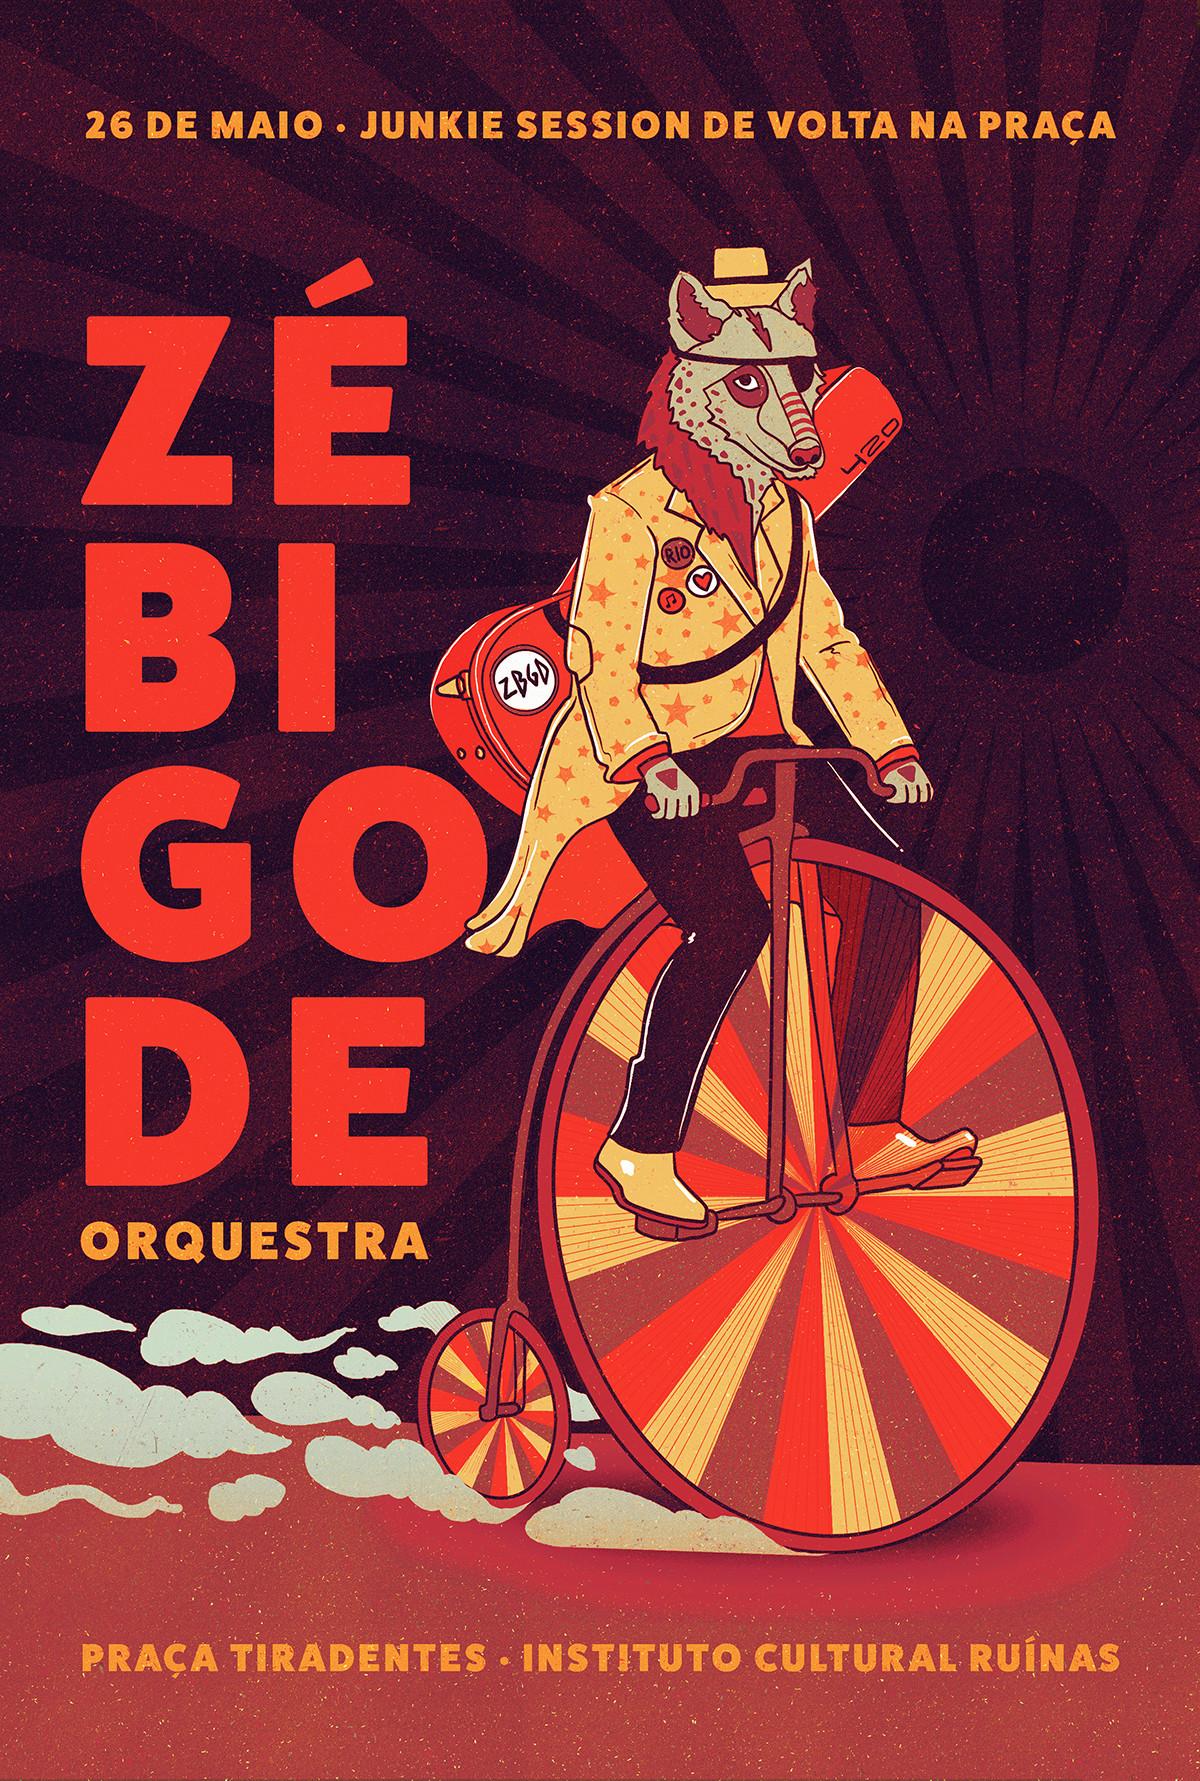 Zé Bigode Orquestra